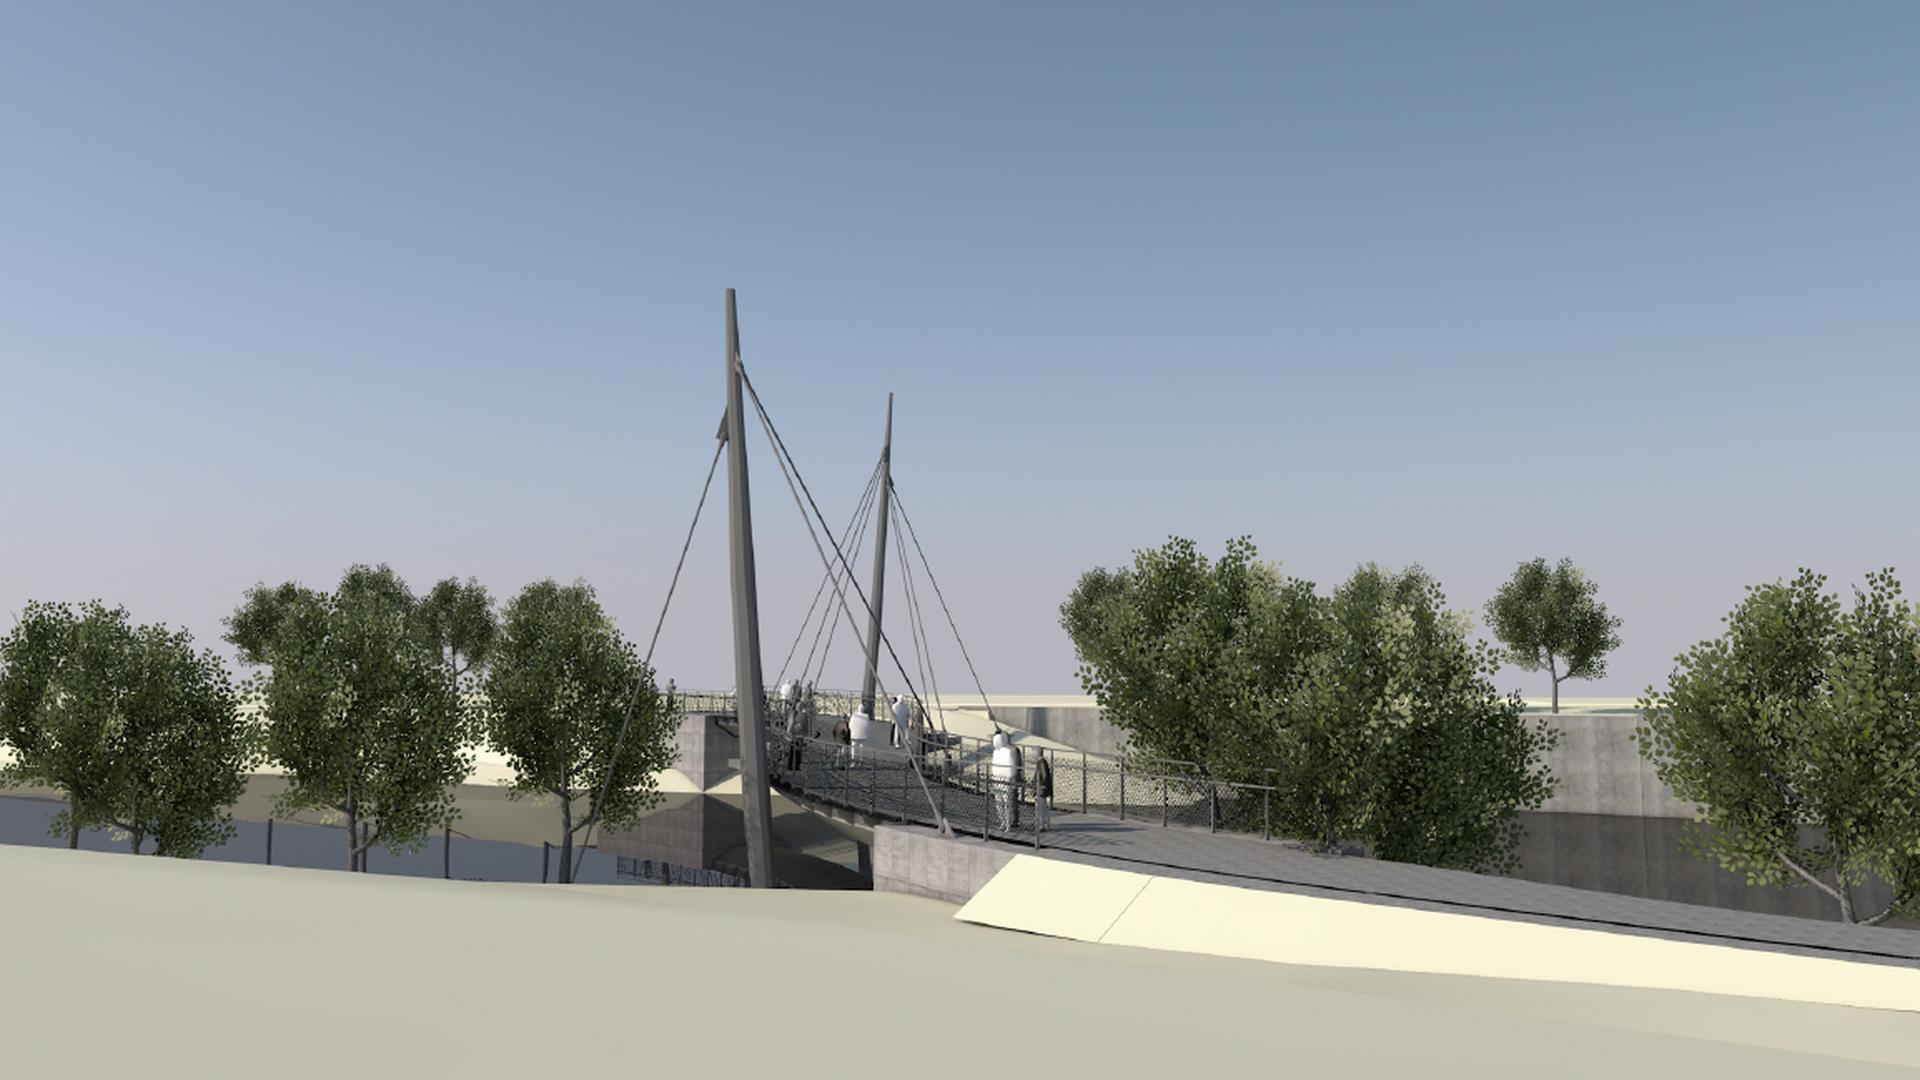 geplante Radfahrer- und Fußgängerbrücke über die Murg bei Weisenbach